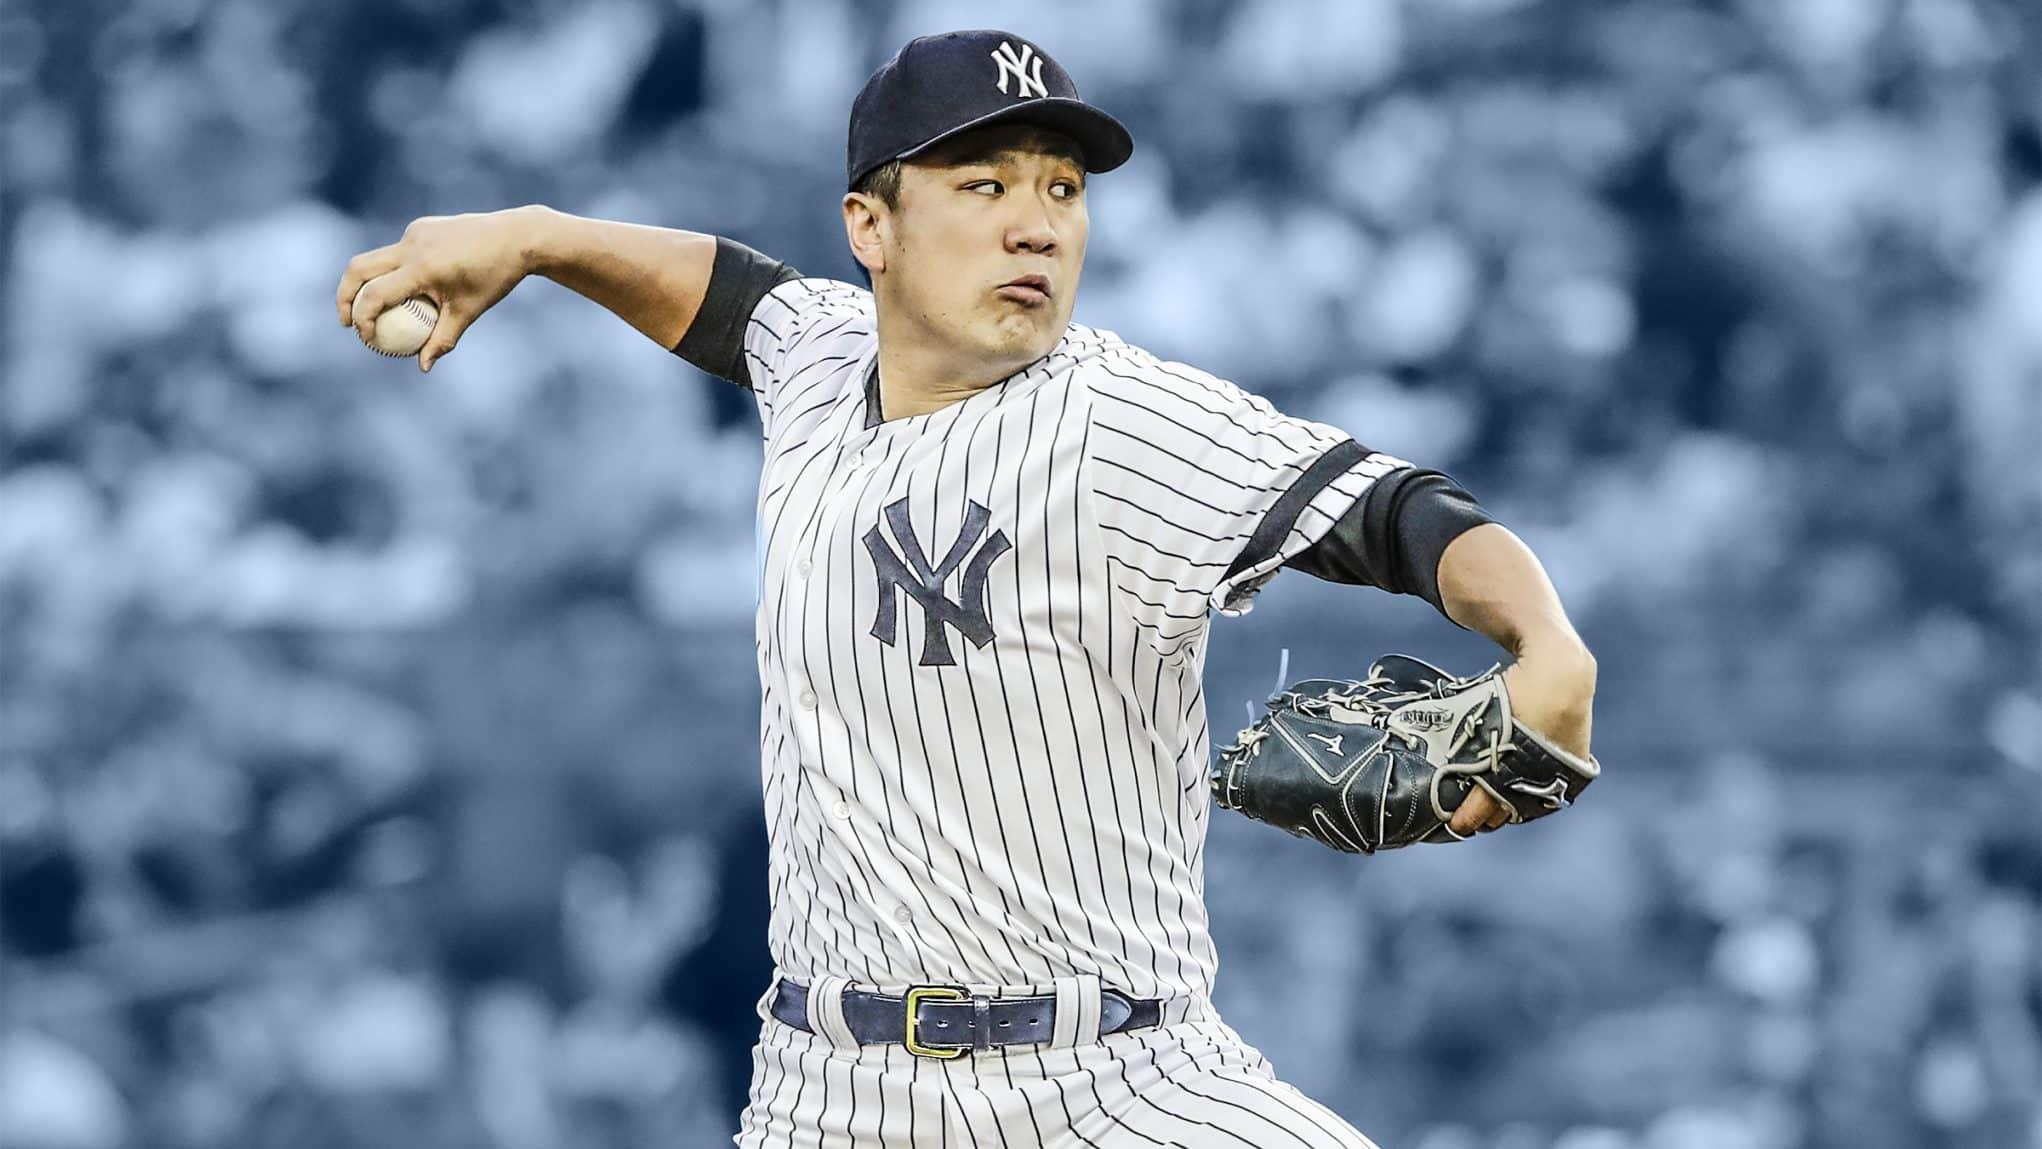 New York Yankees 3, Cleveland Indians 2: Masahiro Tanaka is back